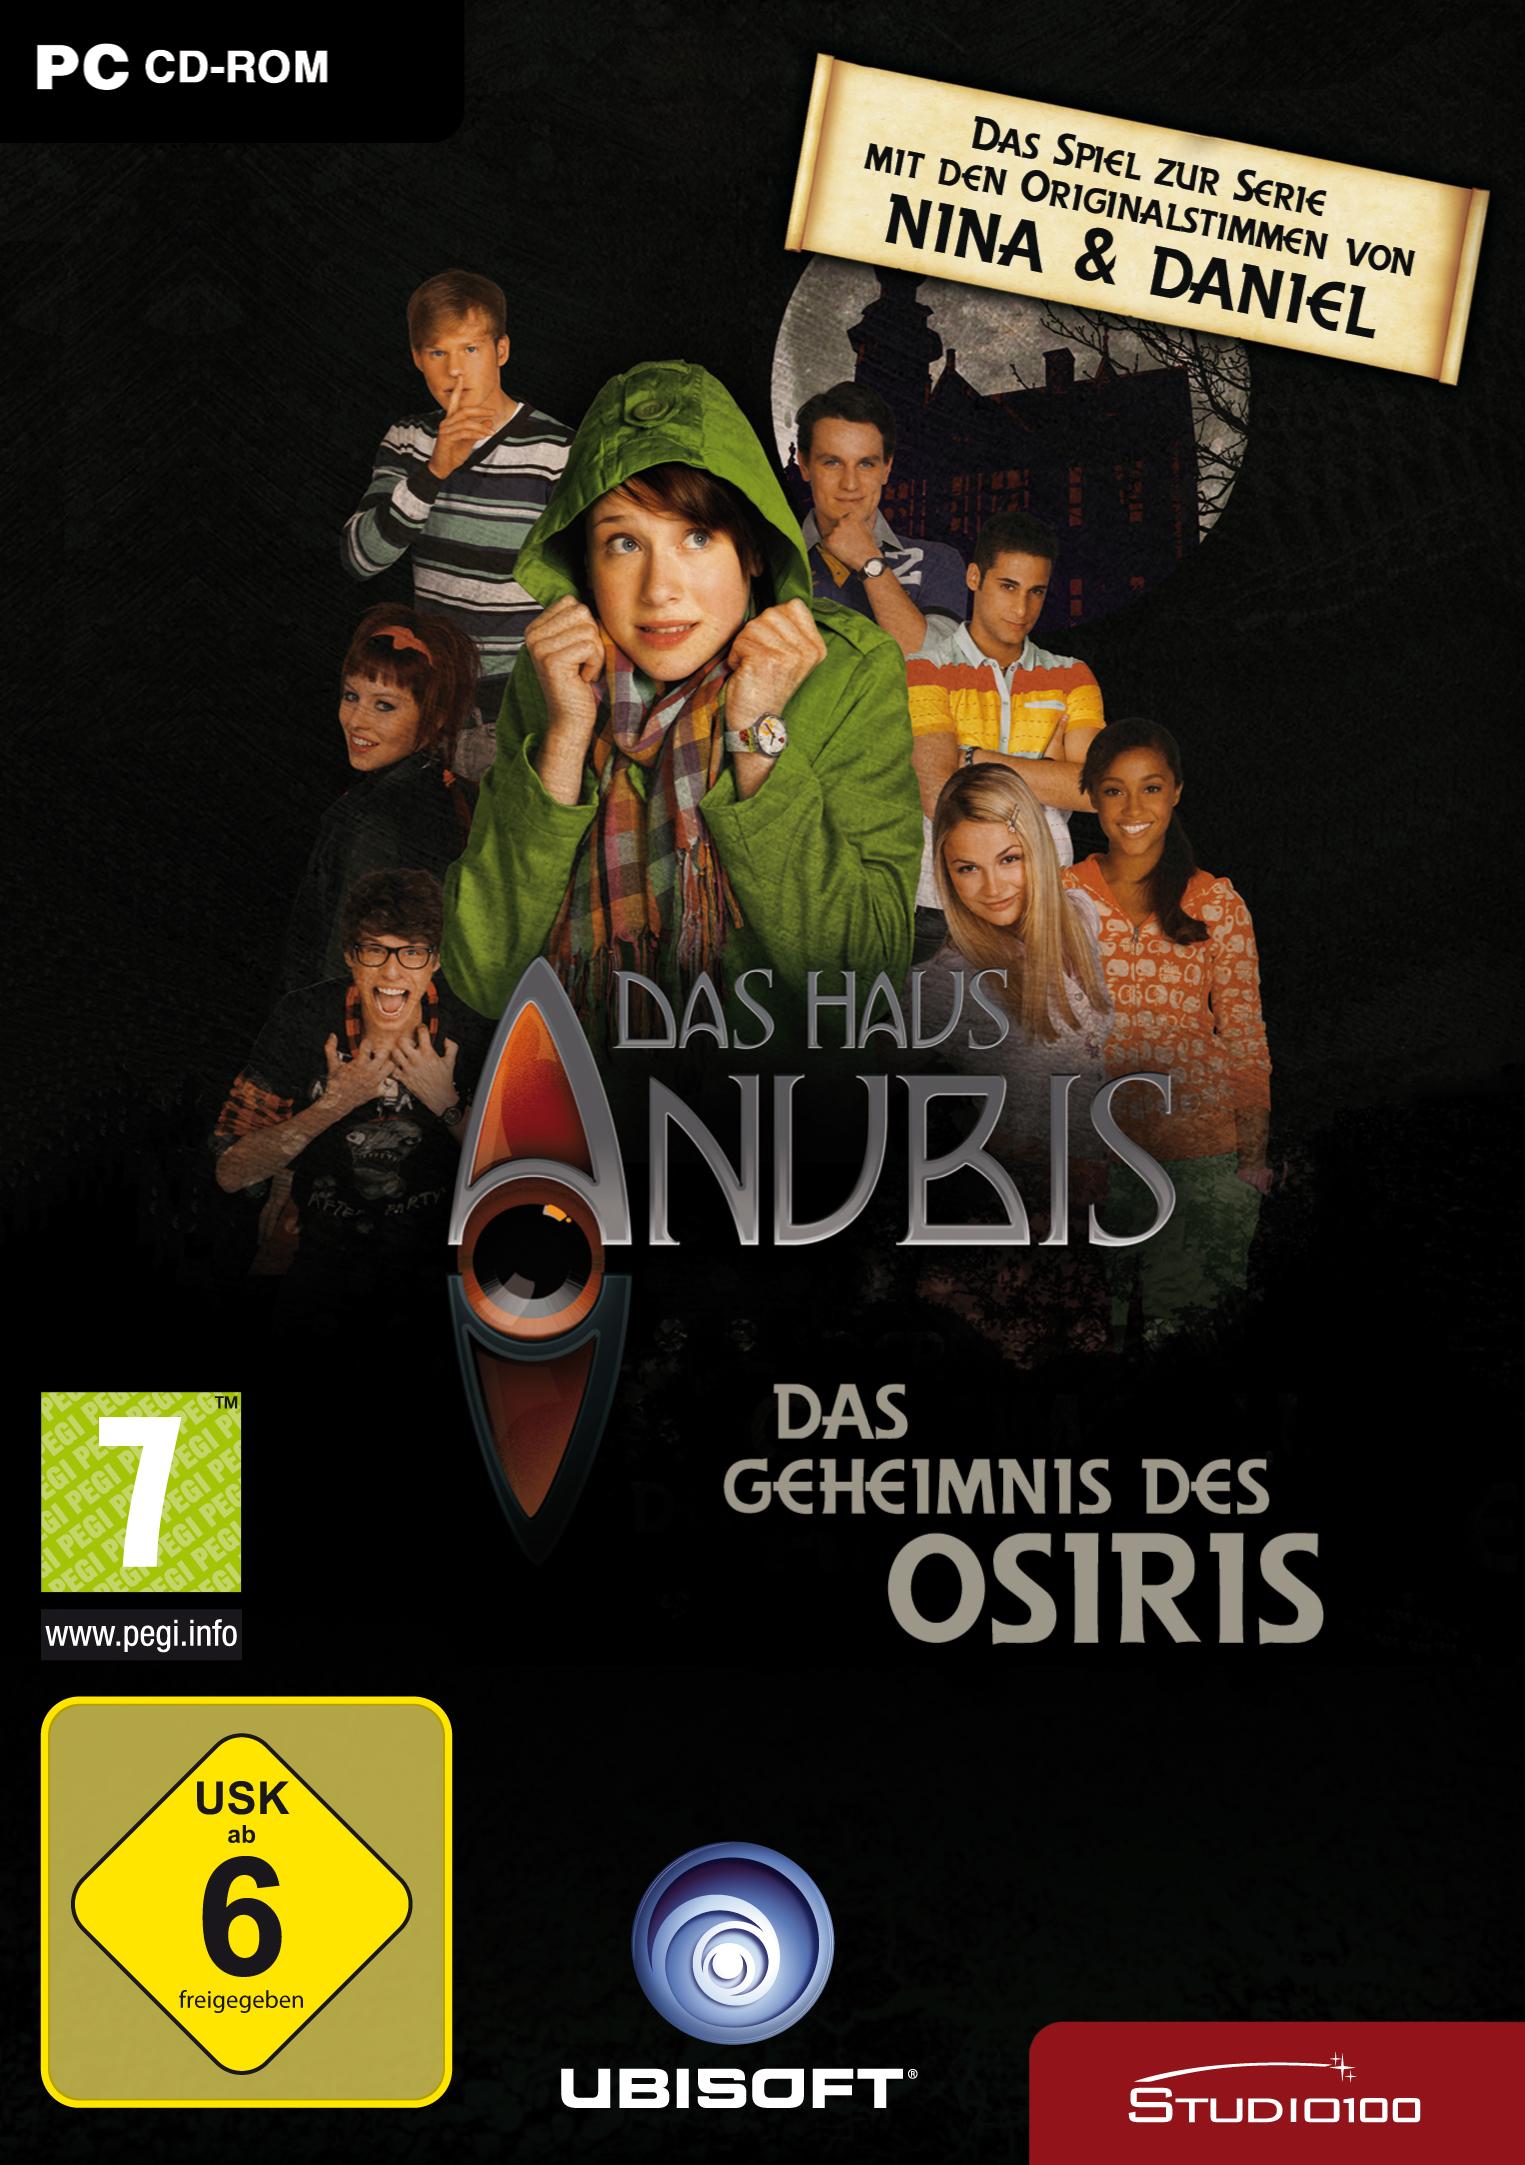 Das Haus Anubis - Das Geheimnis des Osiris